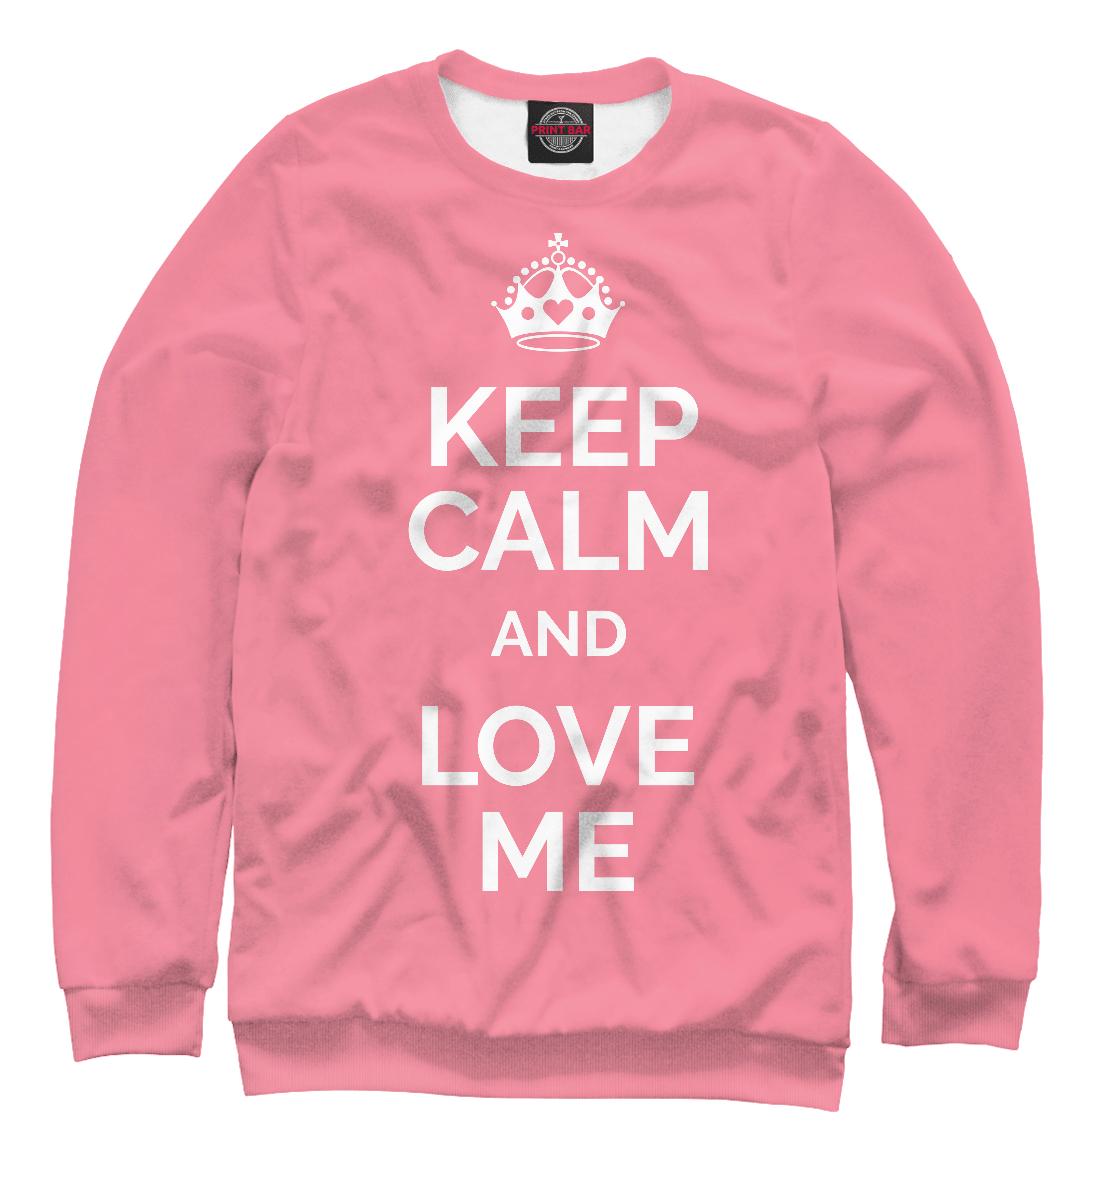 Фото - Keep calm and love me keep calm and kiss me